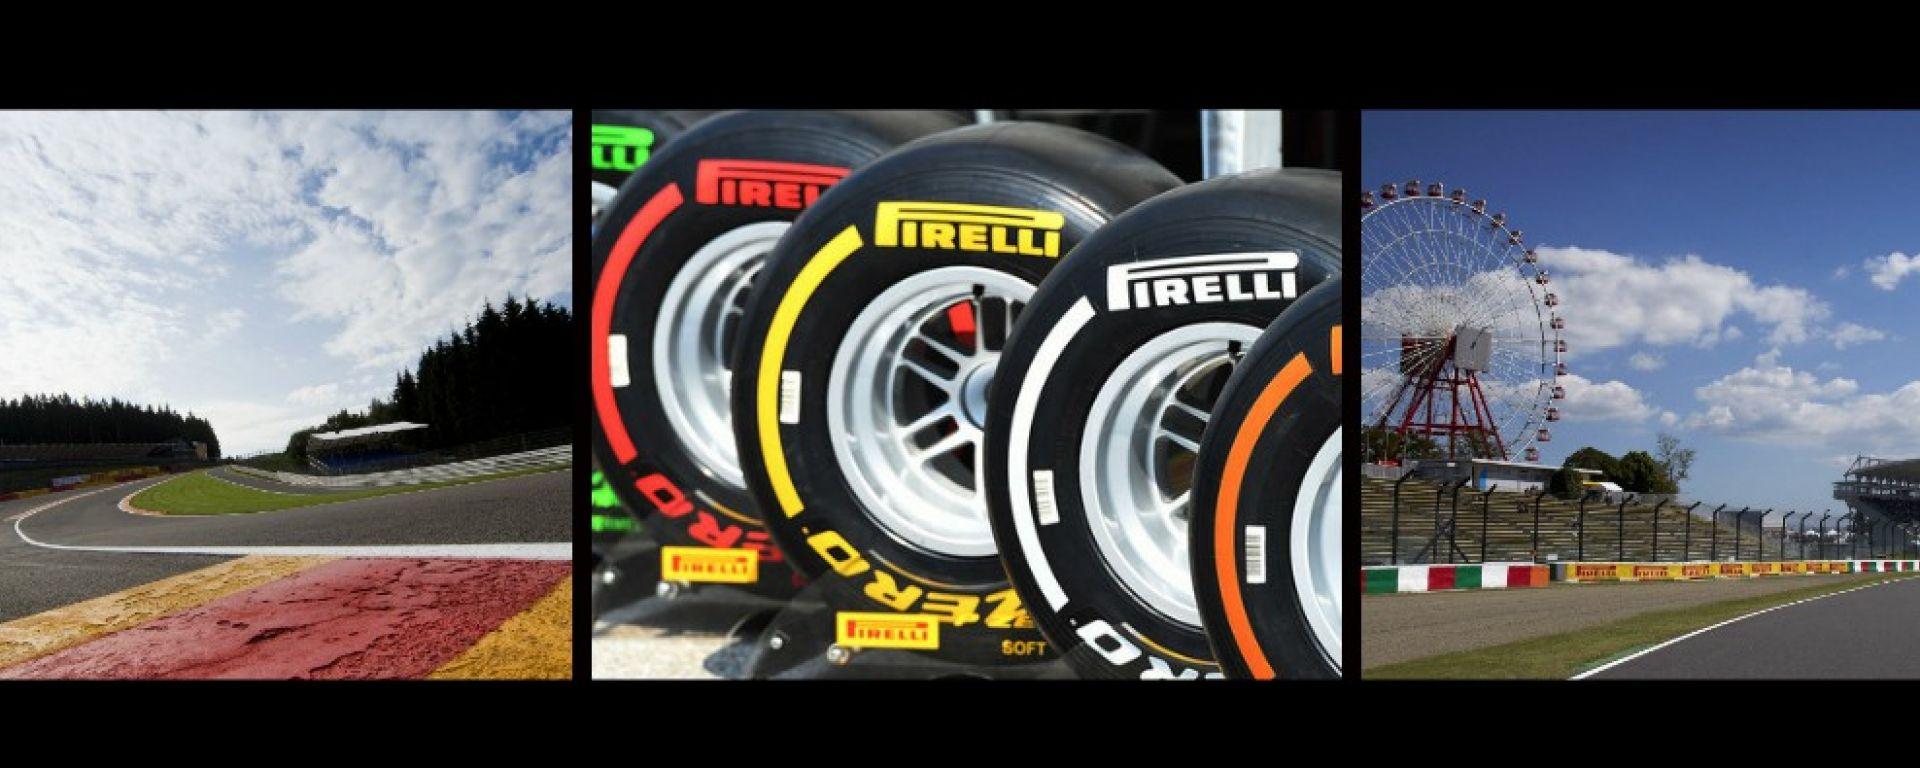 F1 GP Belgio e Giappone: annunciate le mescole Pirelli